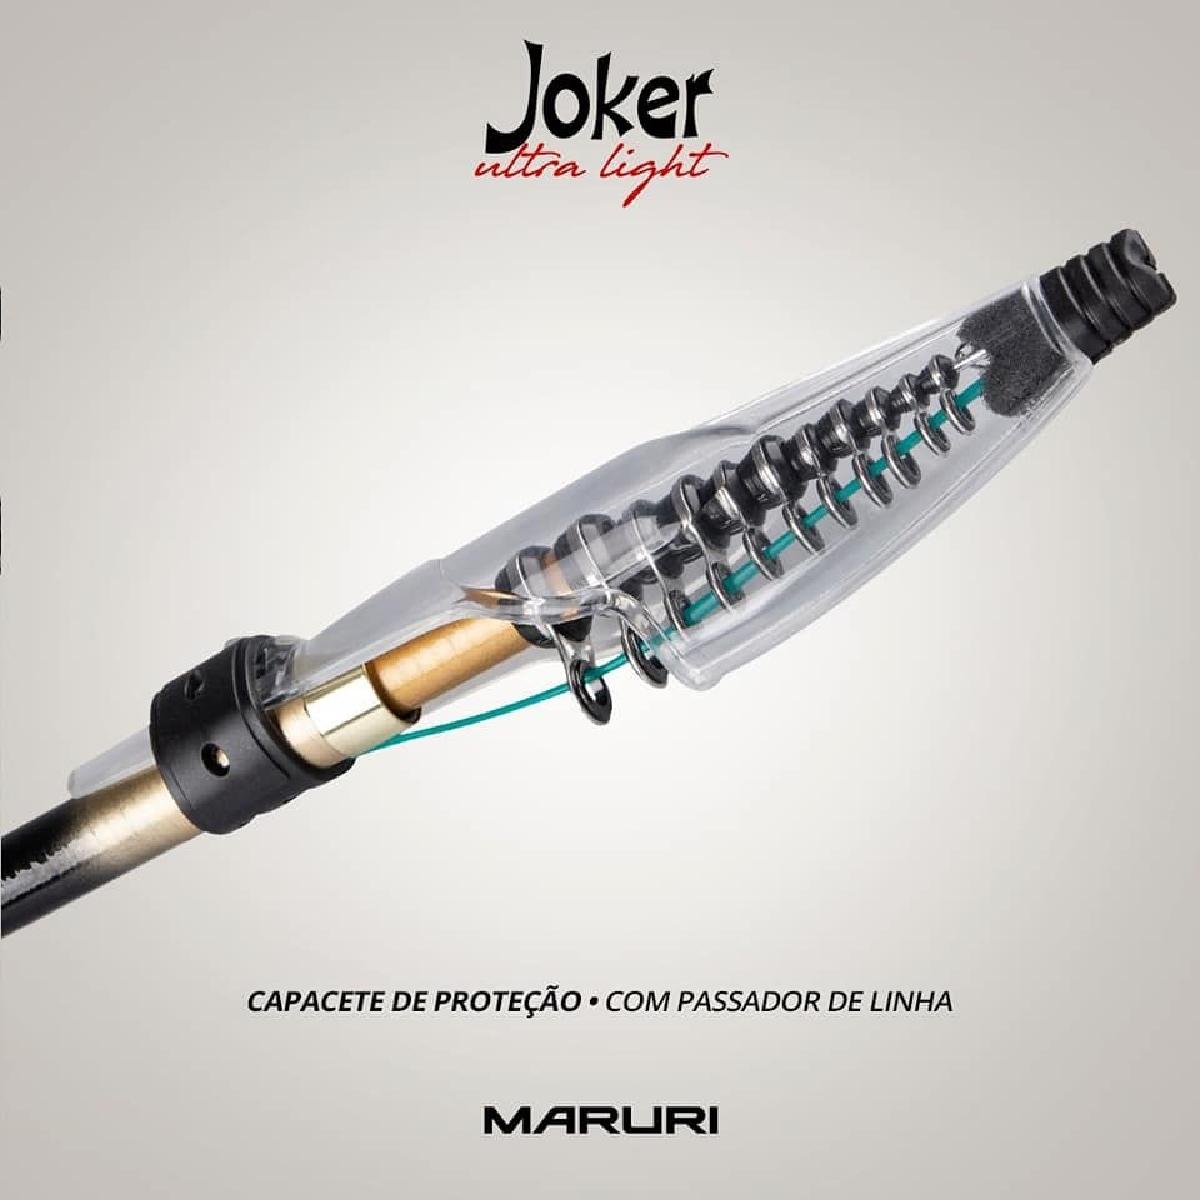 Vara Telescópica Para Molinete Joker Spin 8